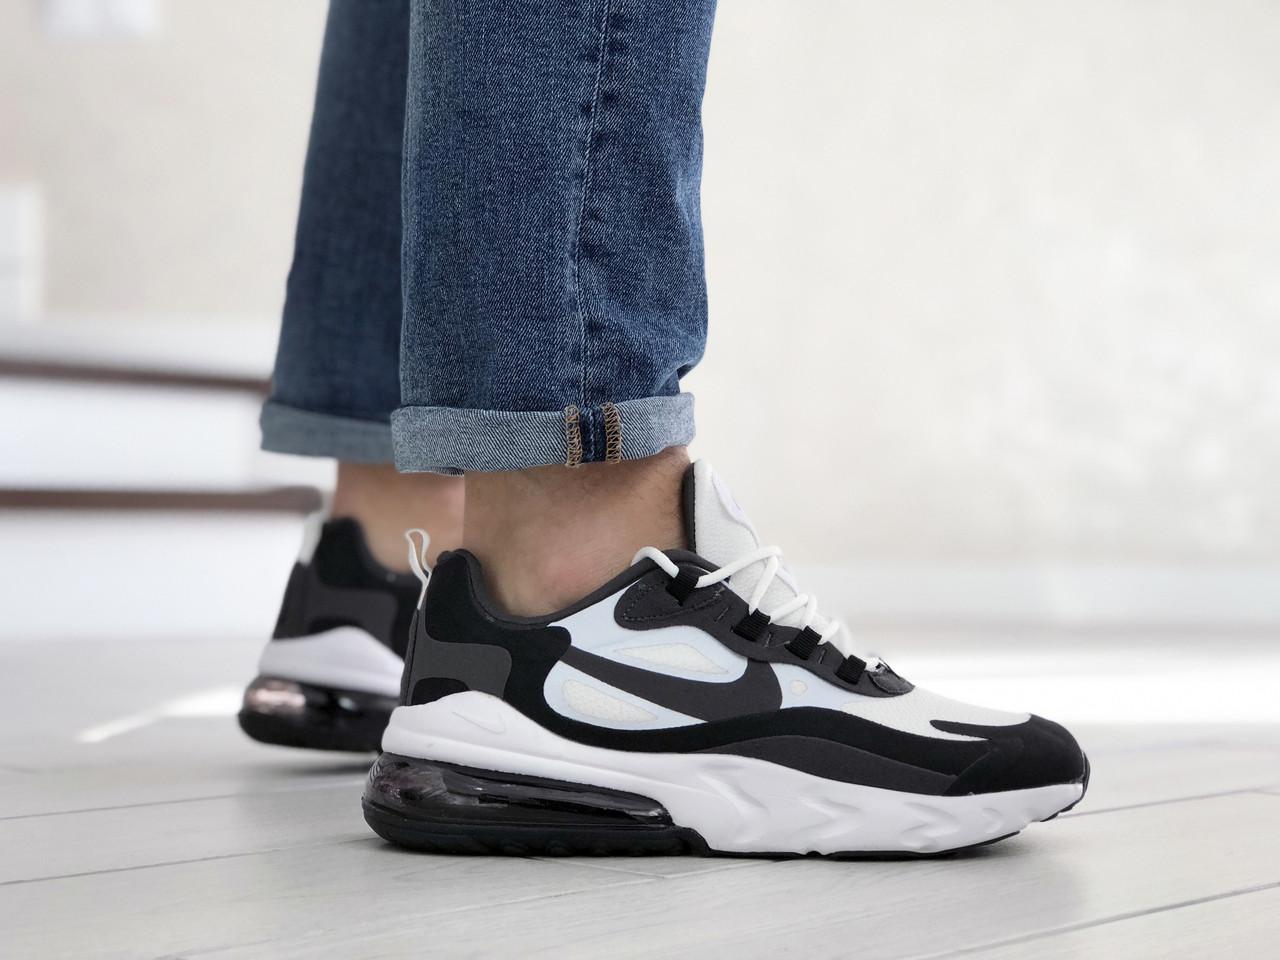 Мужские кроссовки Nike Air Max 270 React белые с черным  / текстильные кросовки Найк Реакт (Топ реплика ААА+)